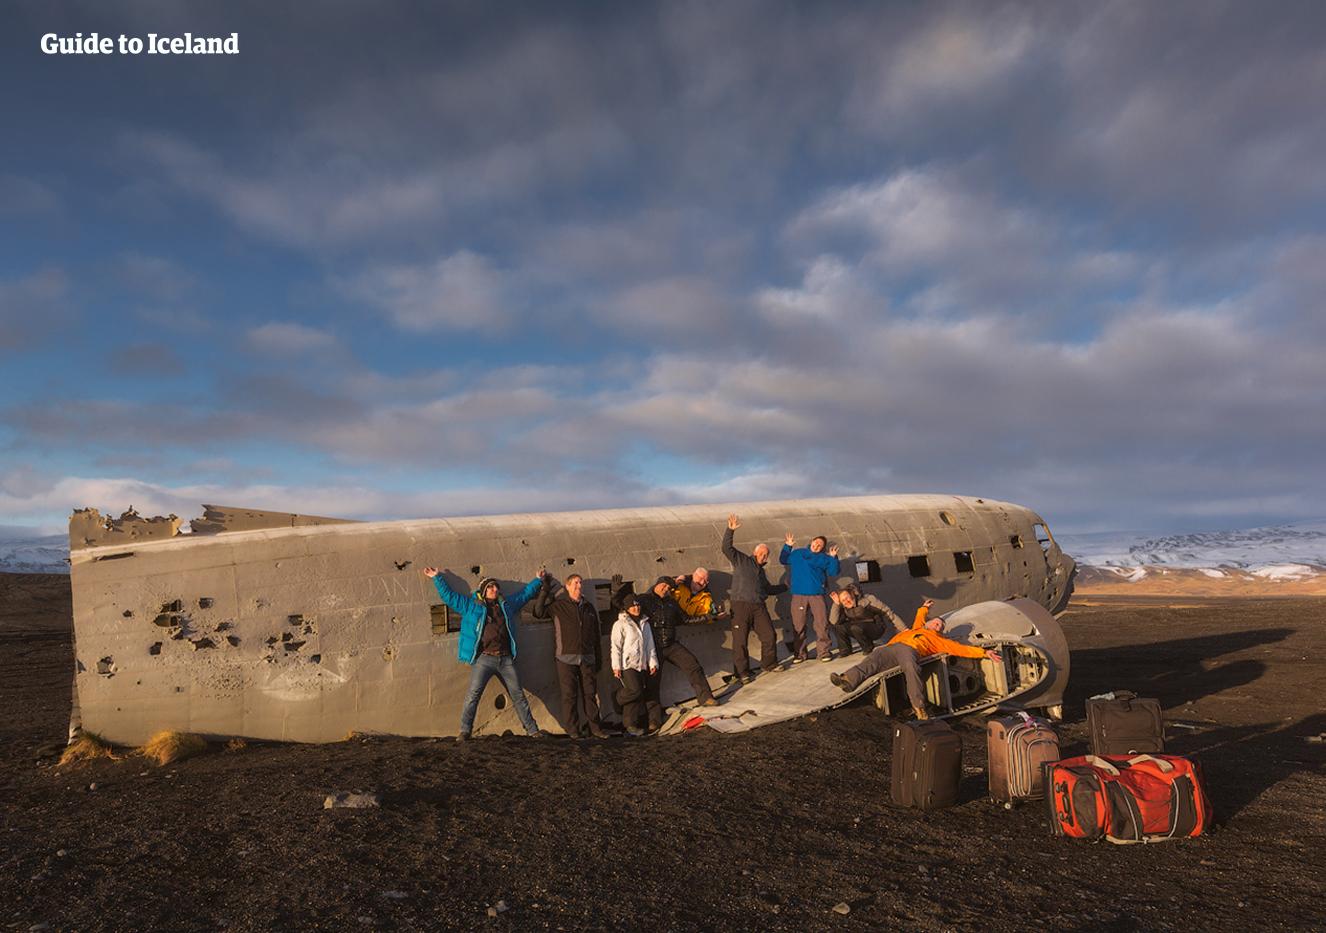 남부 아이슬란드에는 오래전 파손된 비행기 잔해를 볼 수 있습니다.